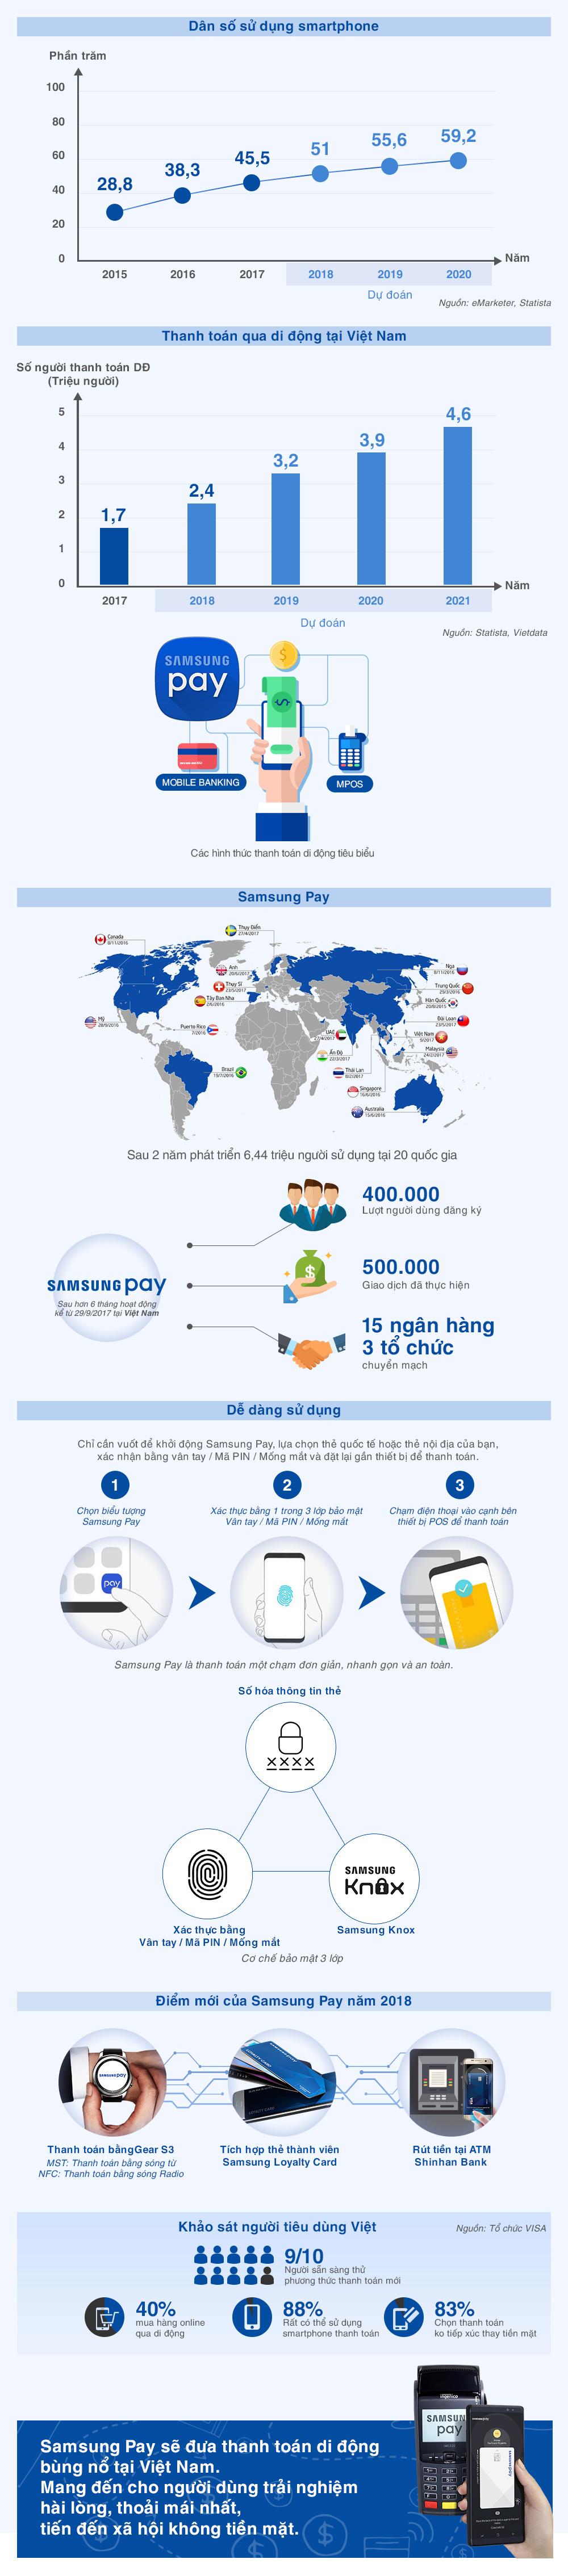 Dấu ấn mới của Samsung Pay trên thị trường thanh toán di động